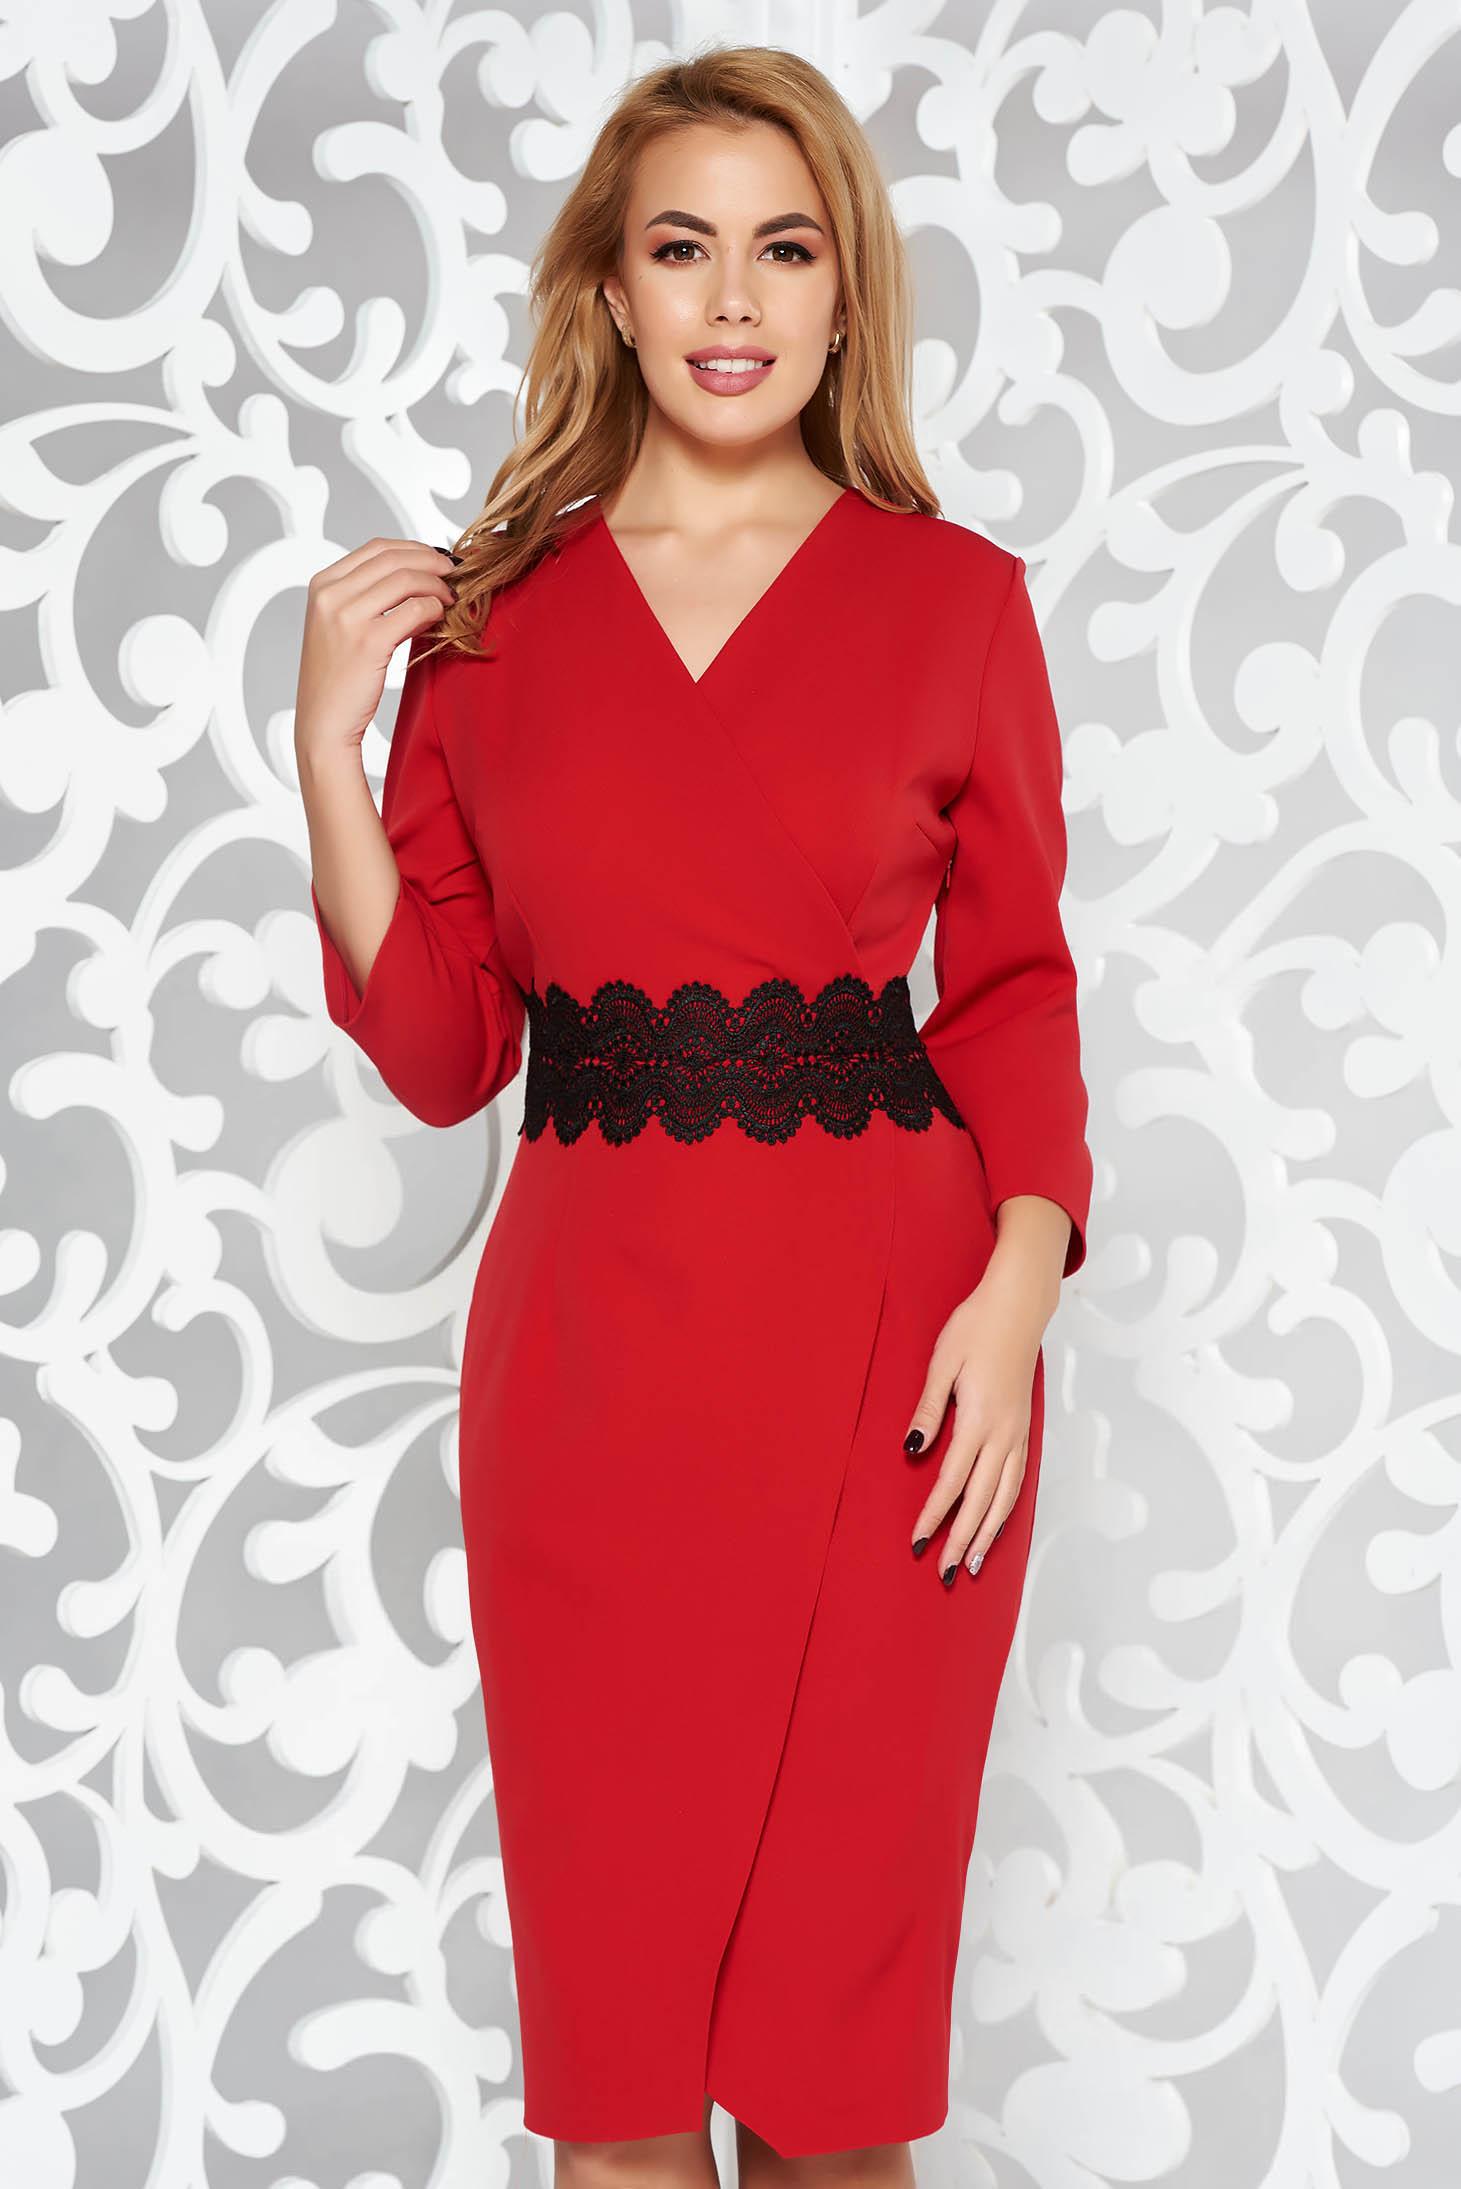 Piros elegáns ceruza ruha enyhén elasztikus szövet kötött csipke átfedéses  fazon 86427826d3